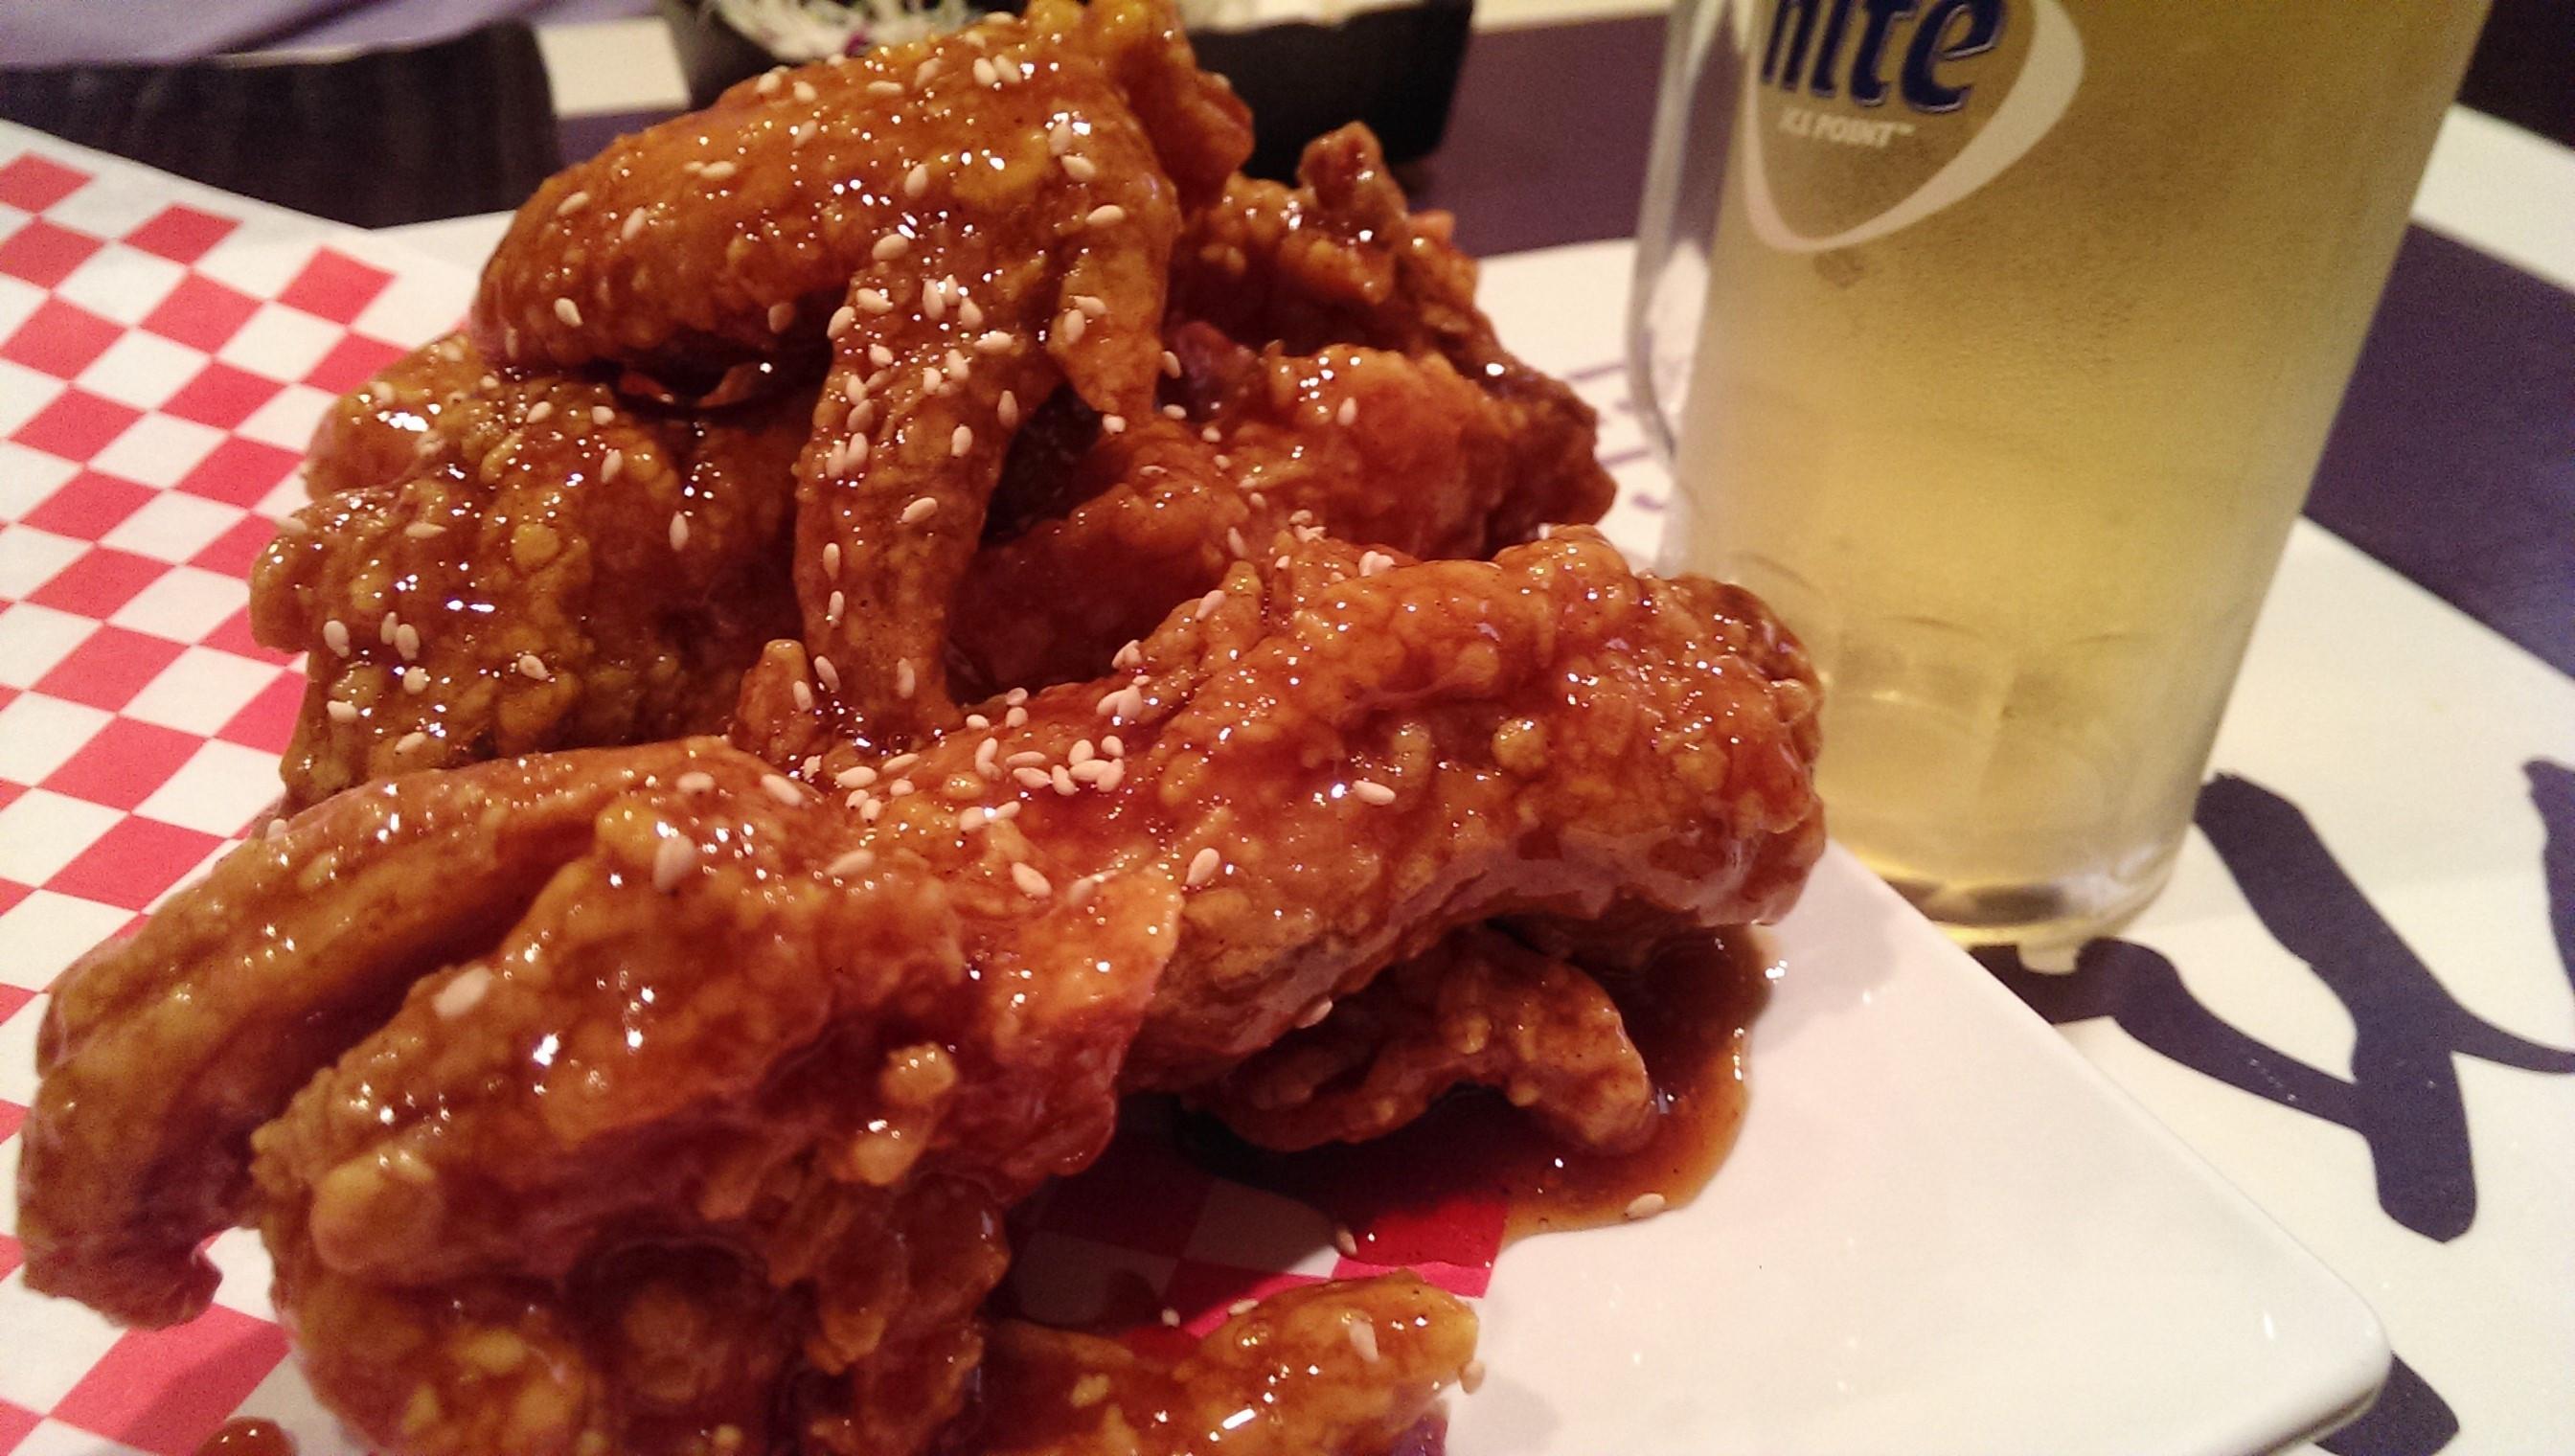 Best Fried Chicken In Dallas  The Best Korean Fried Chicken Spots in Dallas Ranked